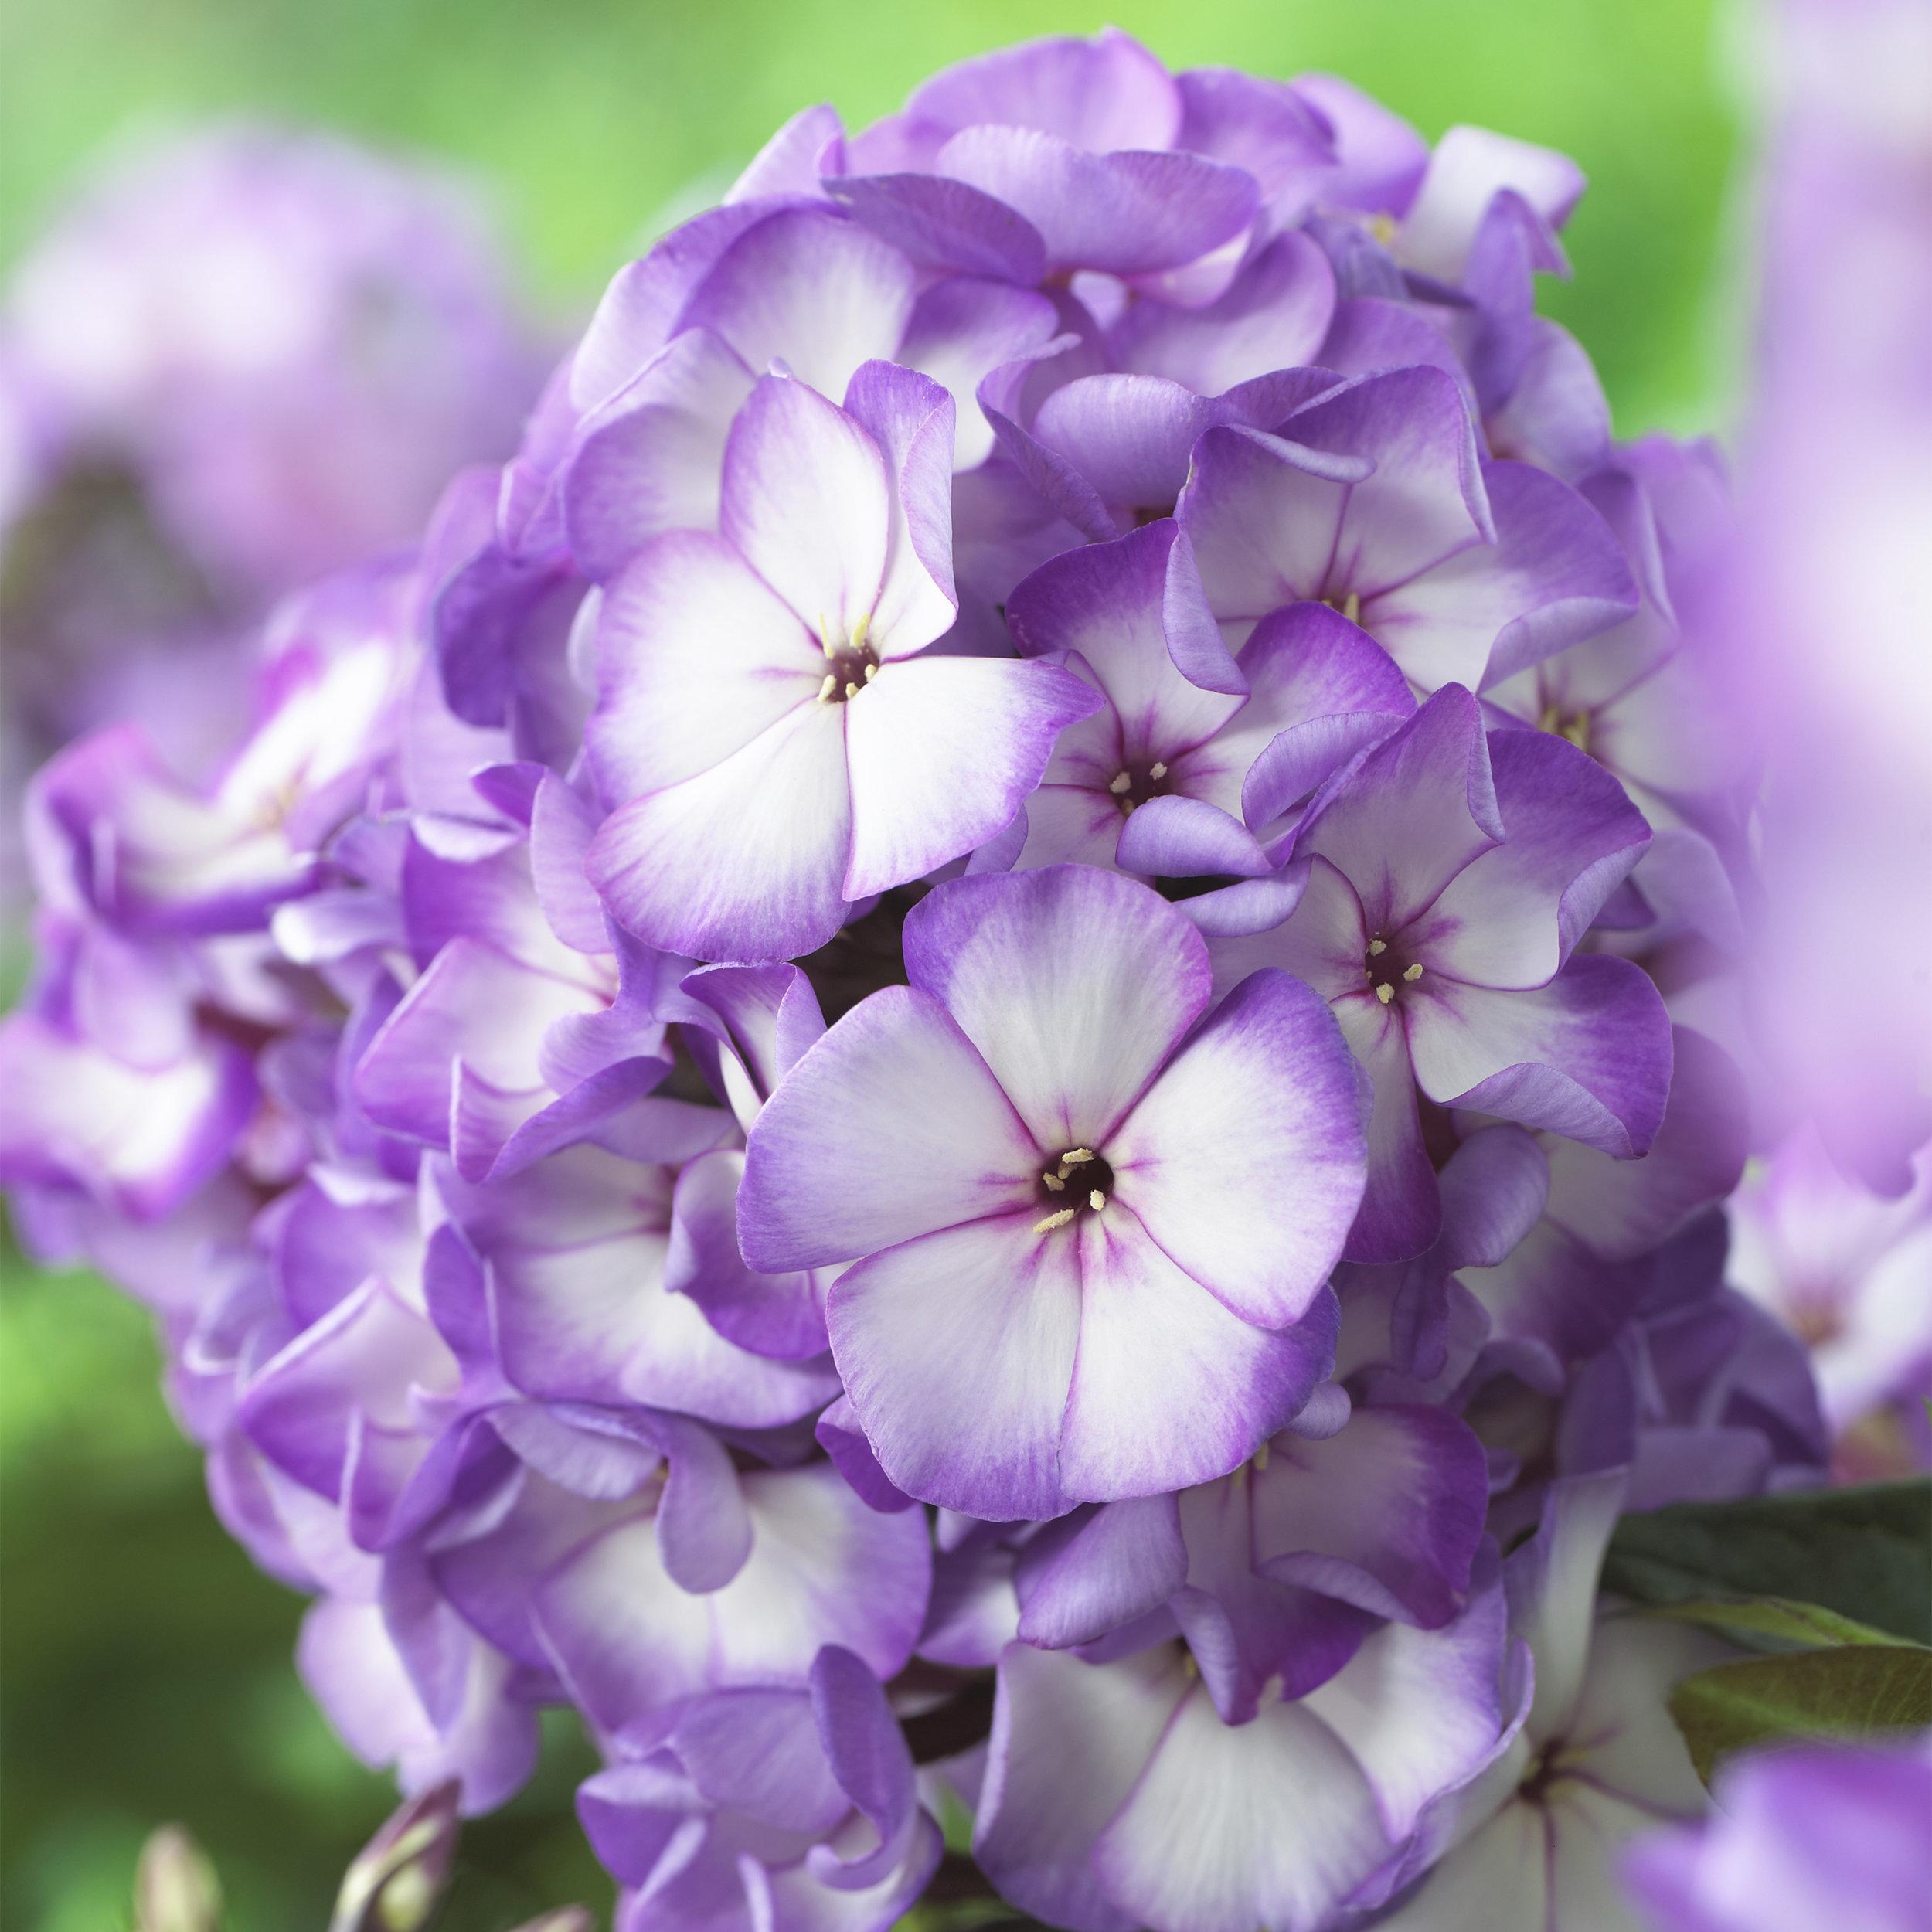 HR_Vegetative_Phlox_Sweet_Summer_Sweet_Summer_Fantasy__Purple_Bicolor_70028302_1.jpg